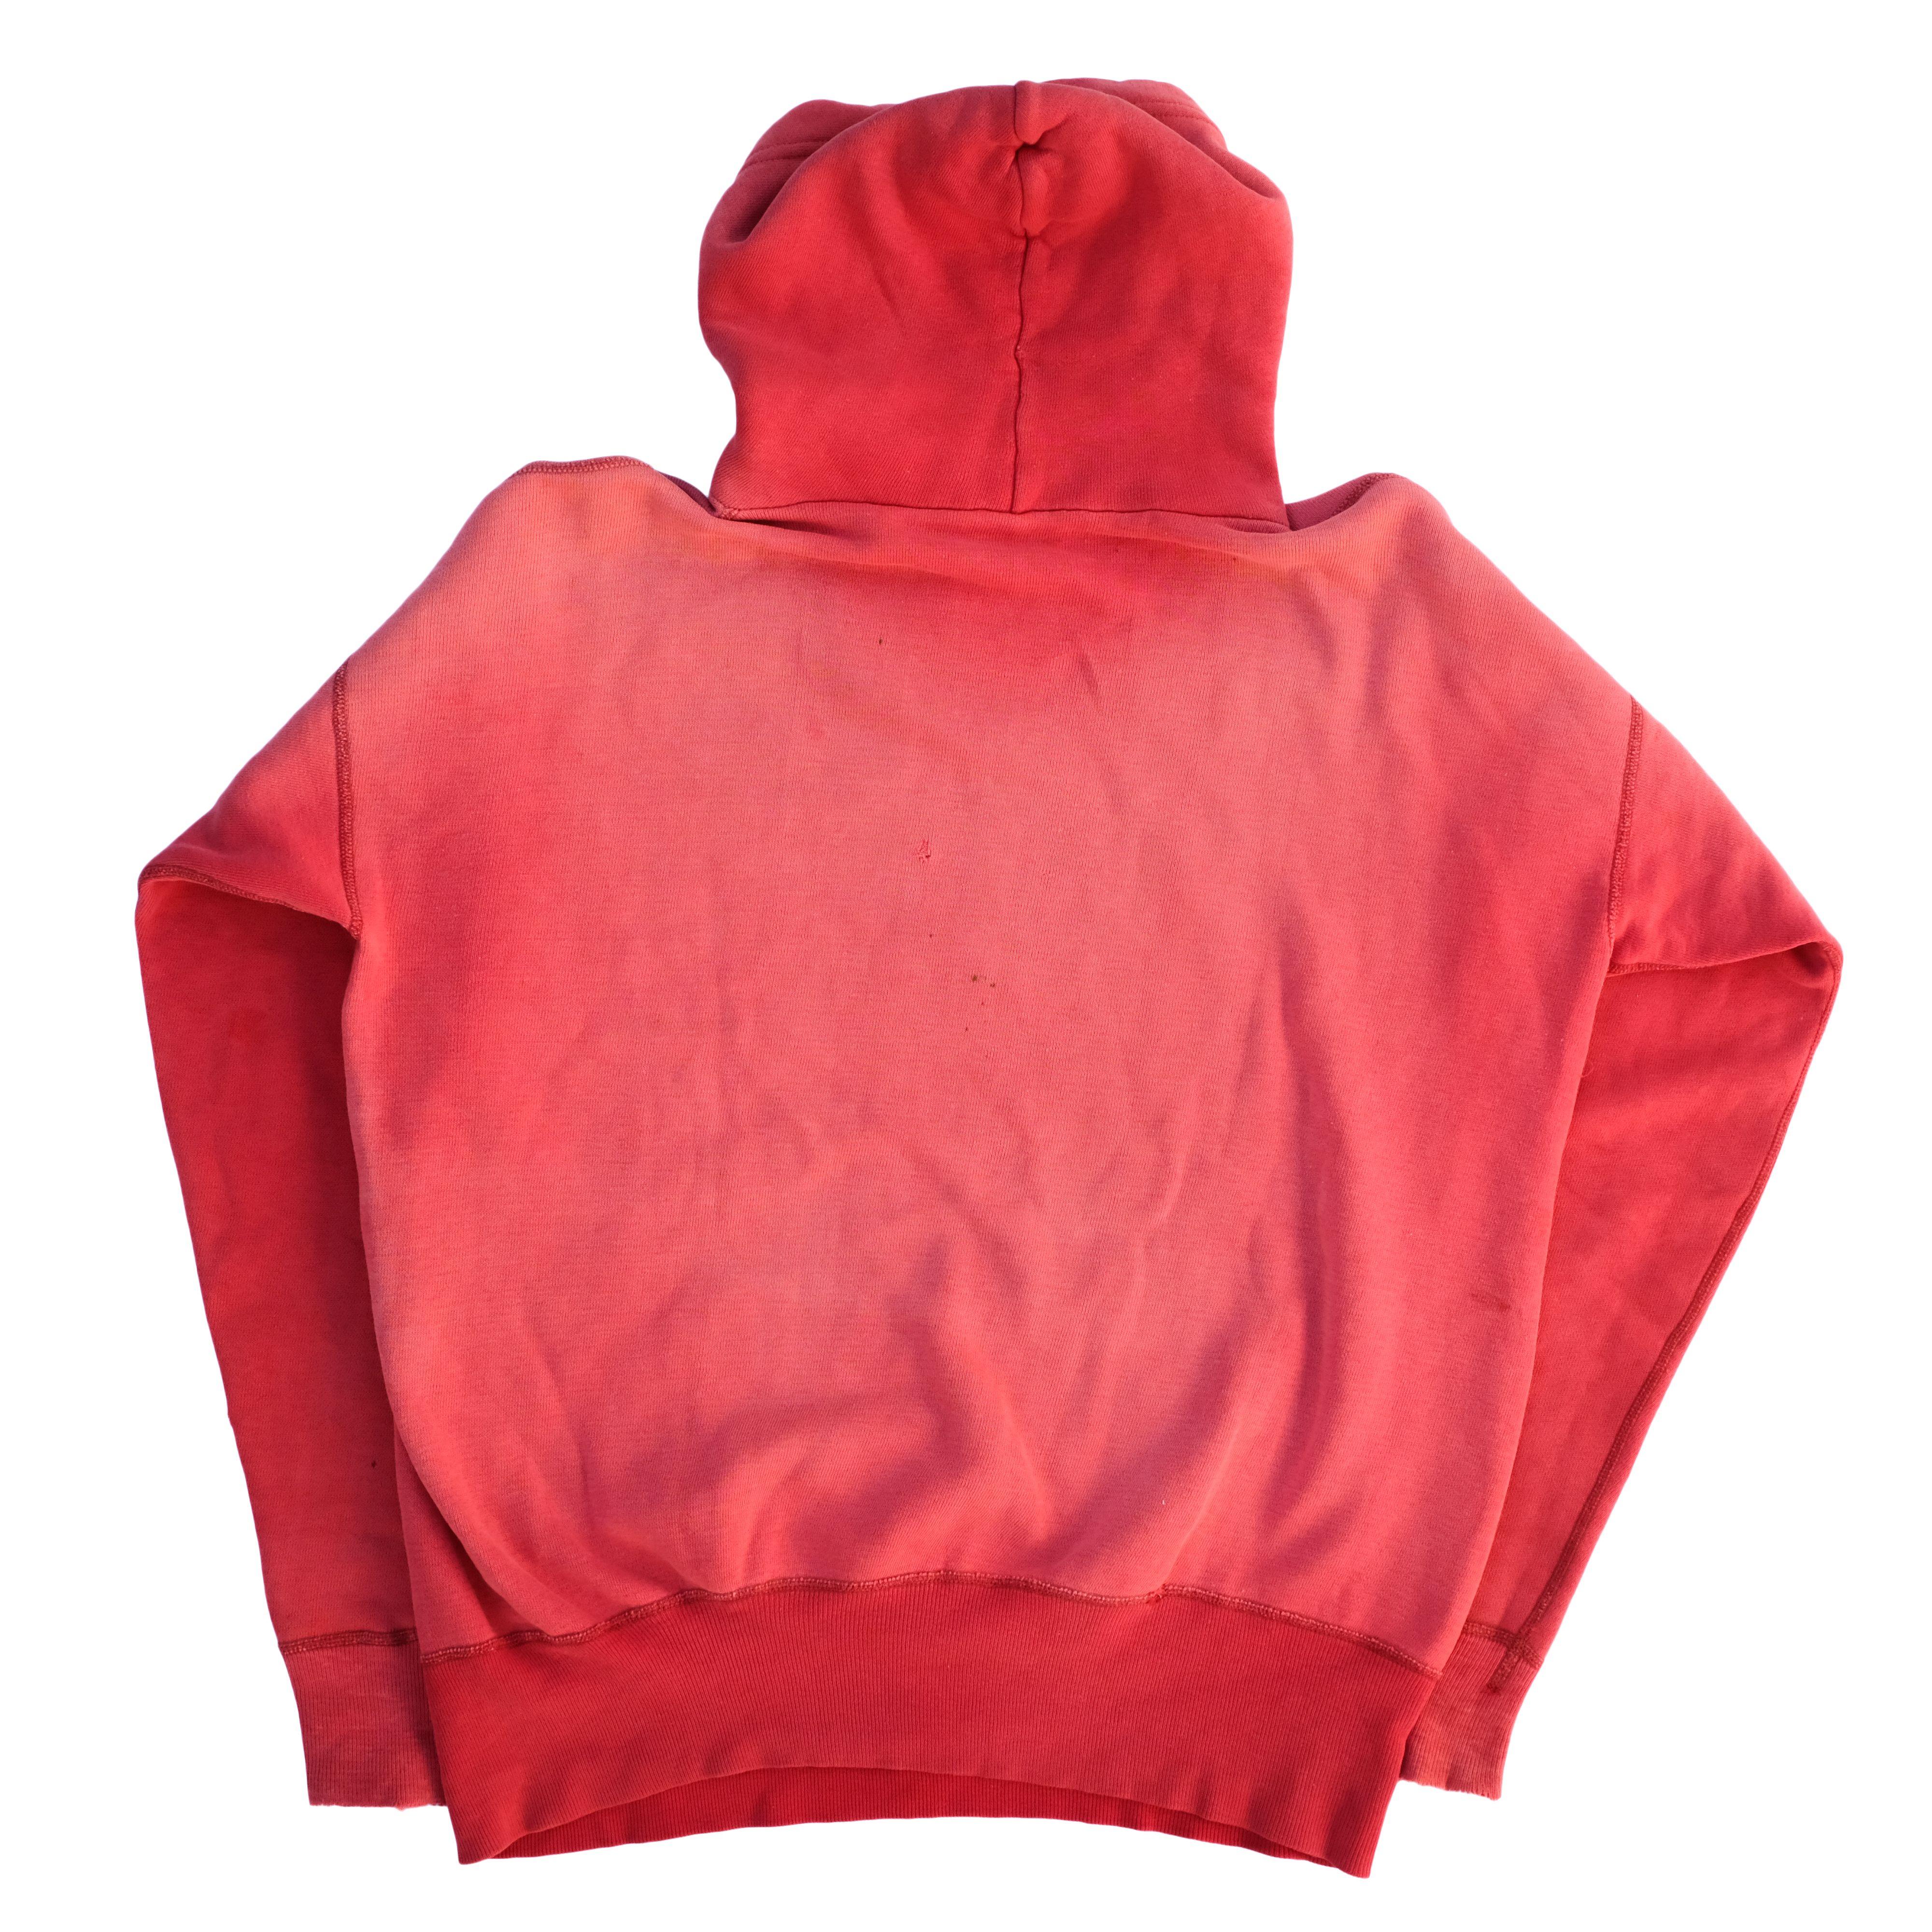 Vintage 50s 60s Sunfaded Red Hoodie Hoodies Red Hoodie Vintage Hoodies